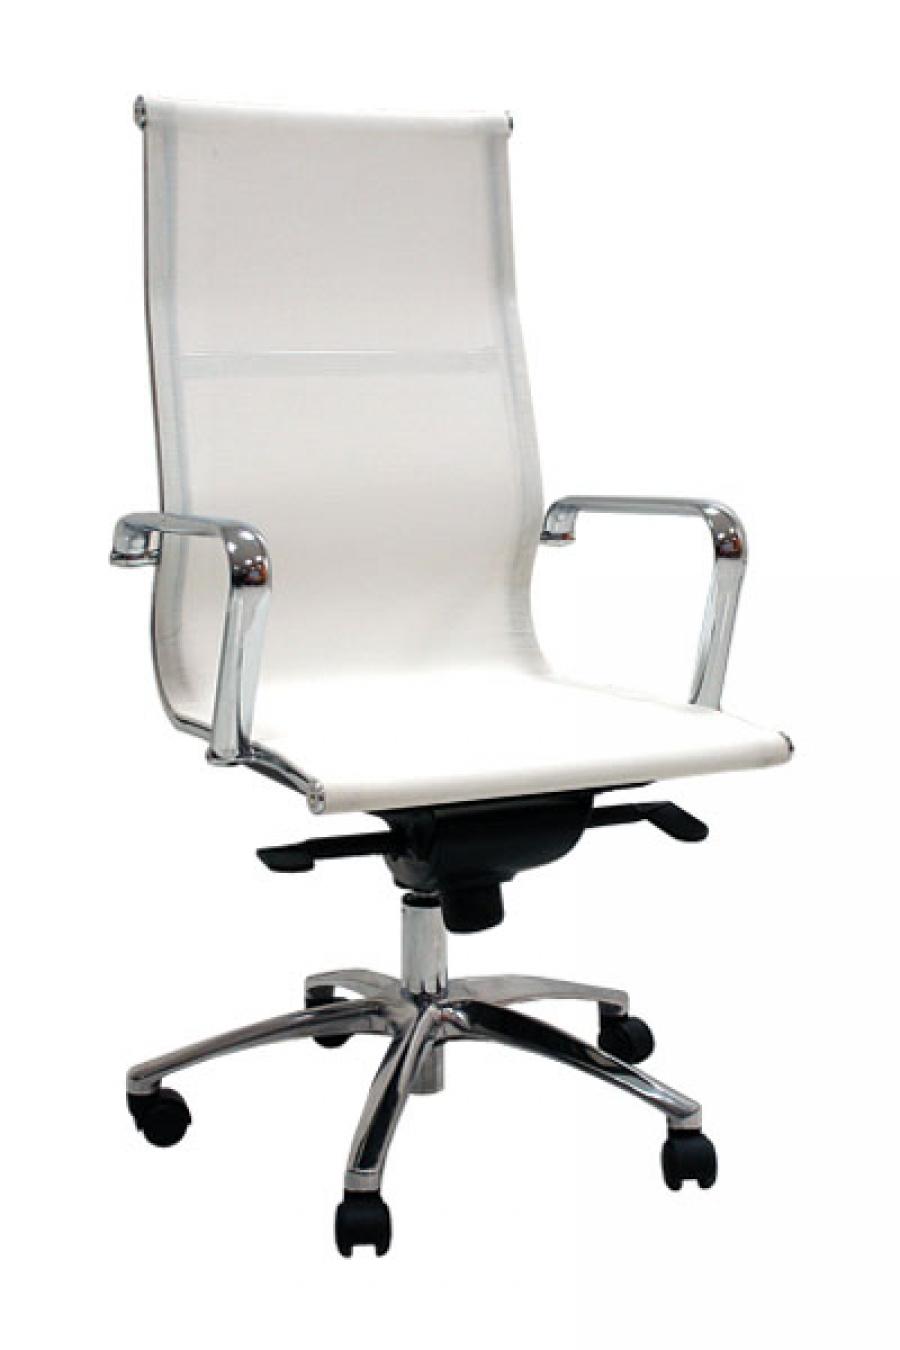 Grupo abejas renta de mobiliario sillones escritorios for Sillones escritorios oficina